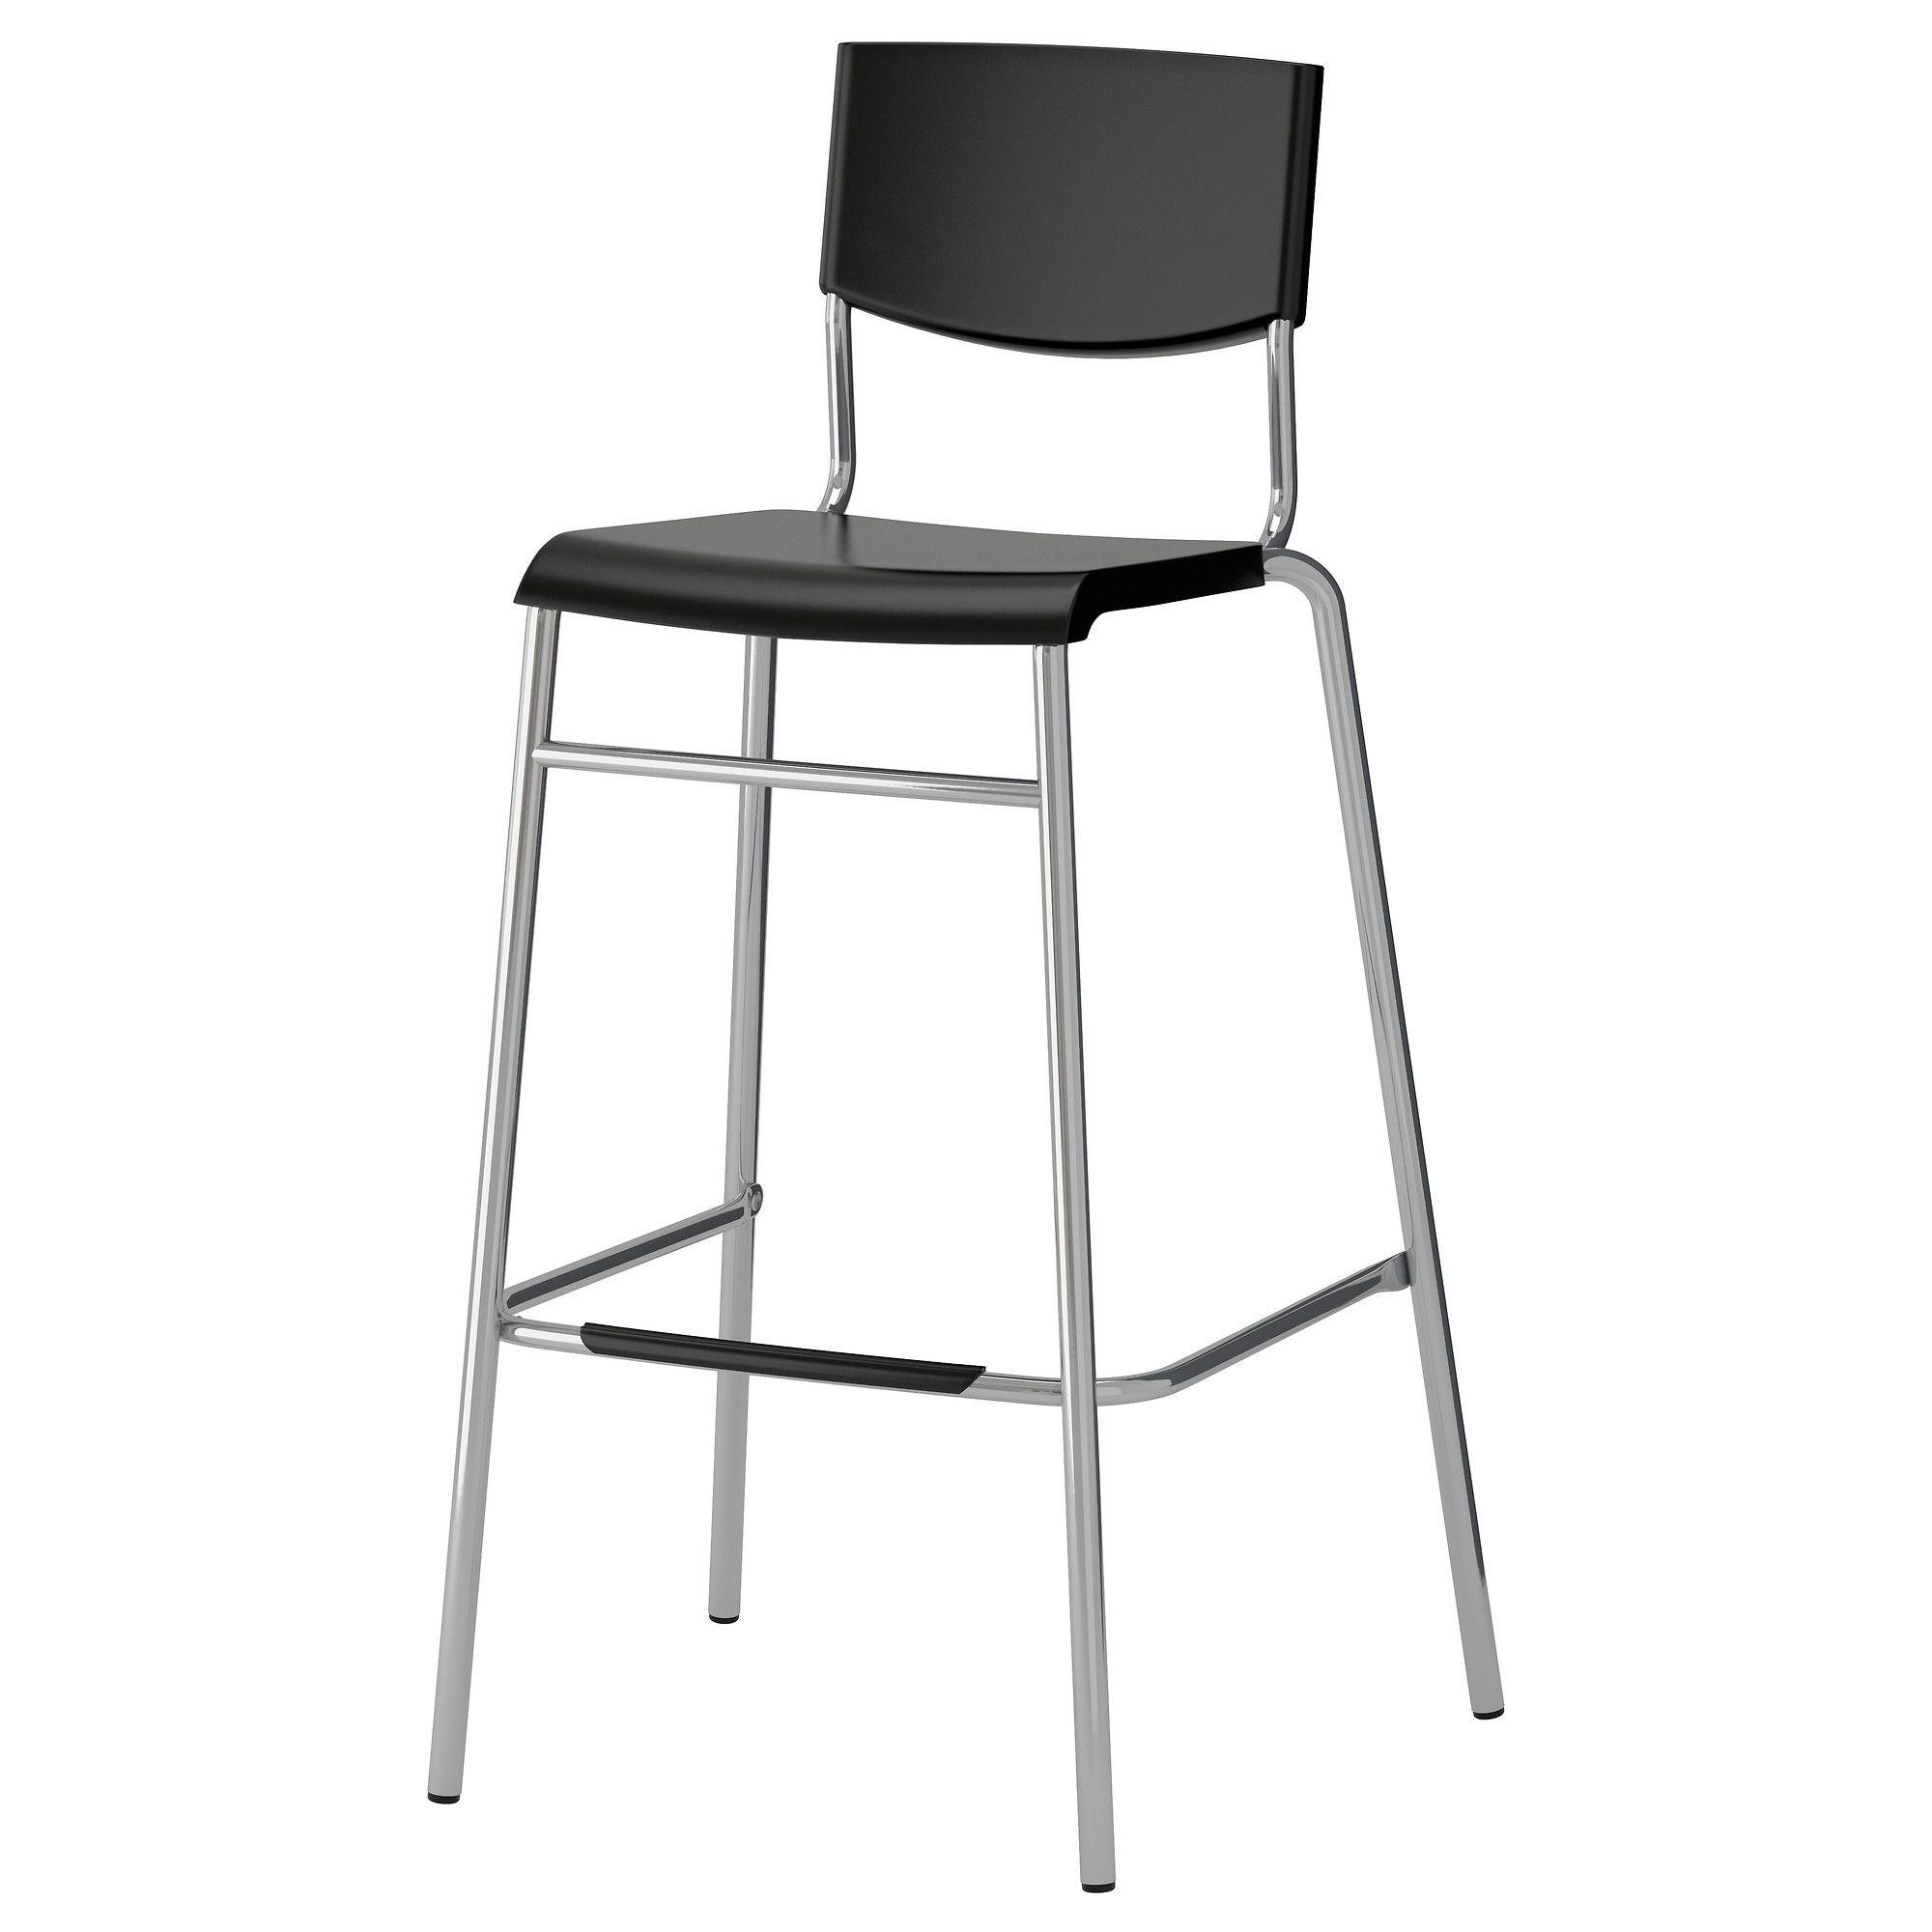 Stig Bar Stool With Backrest Black Silver Color Home Furniture